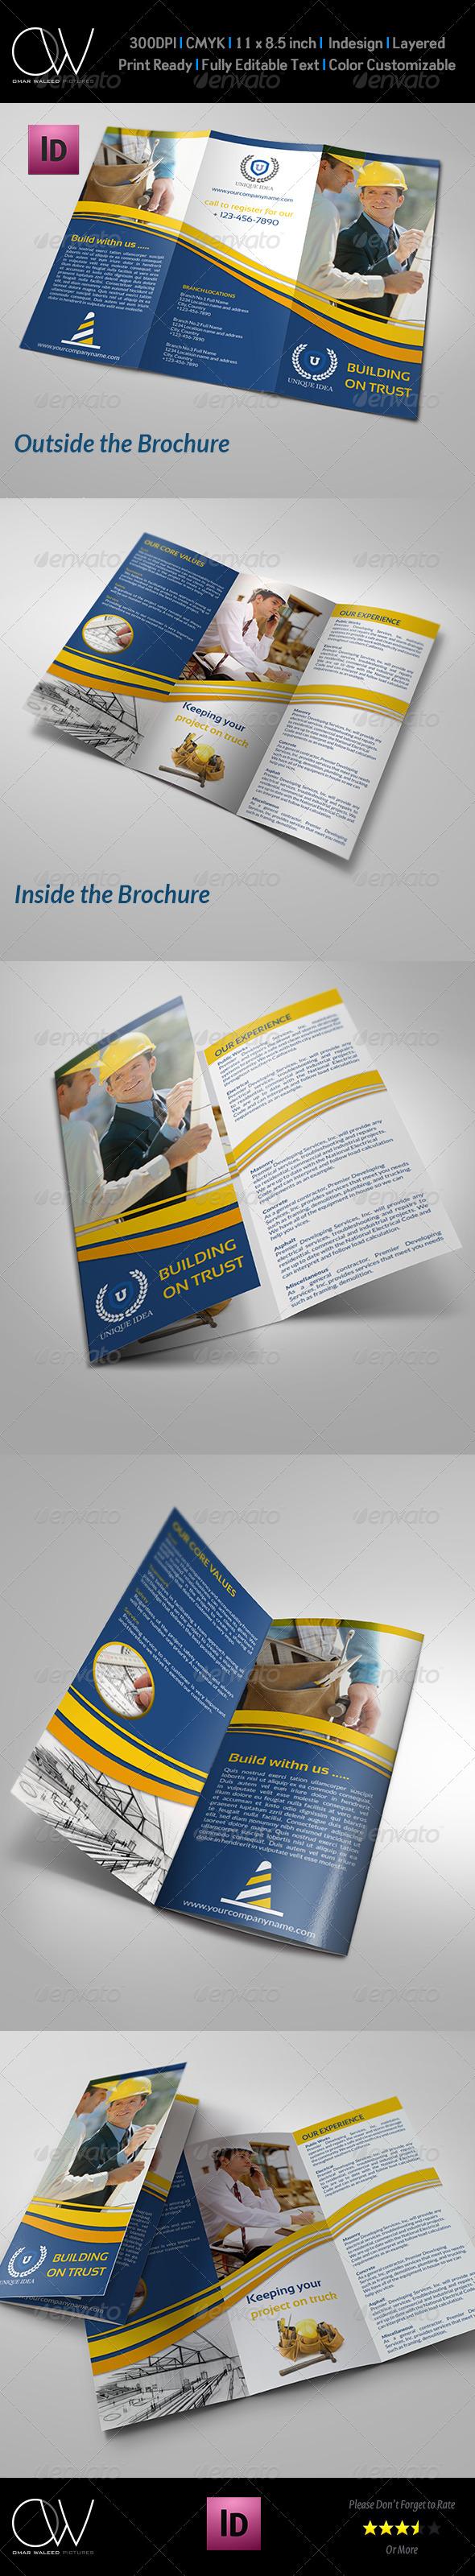 GraphicRiver Construction Company Brochure Tri-Fold Vol.2 7543401